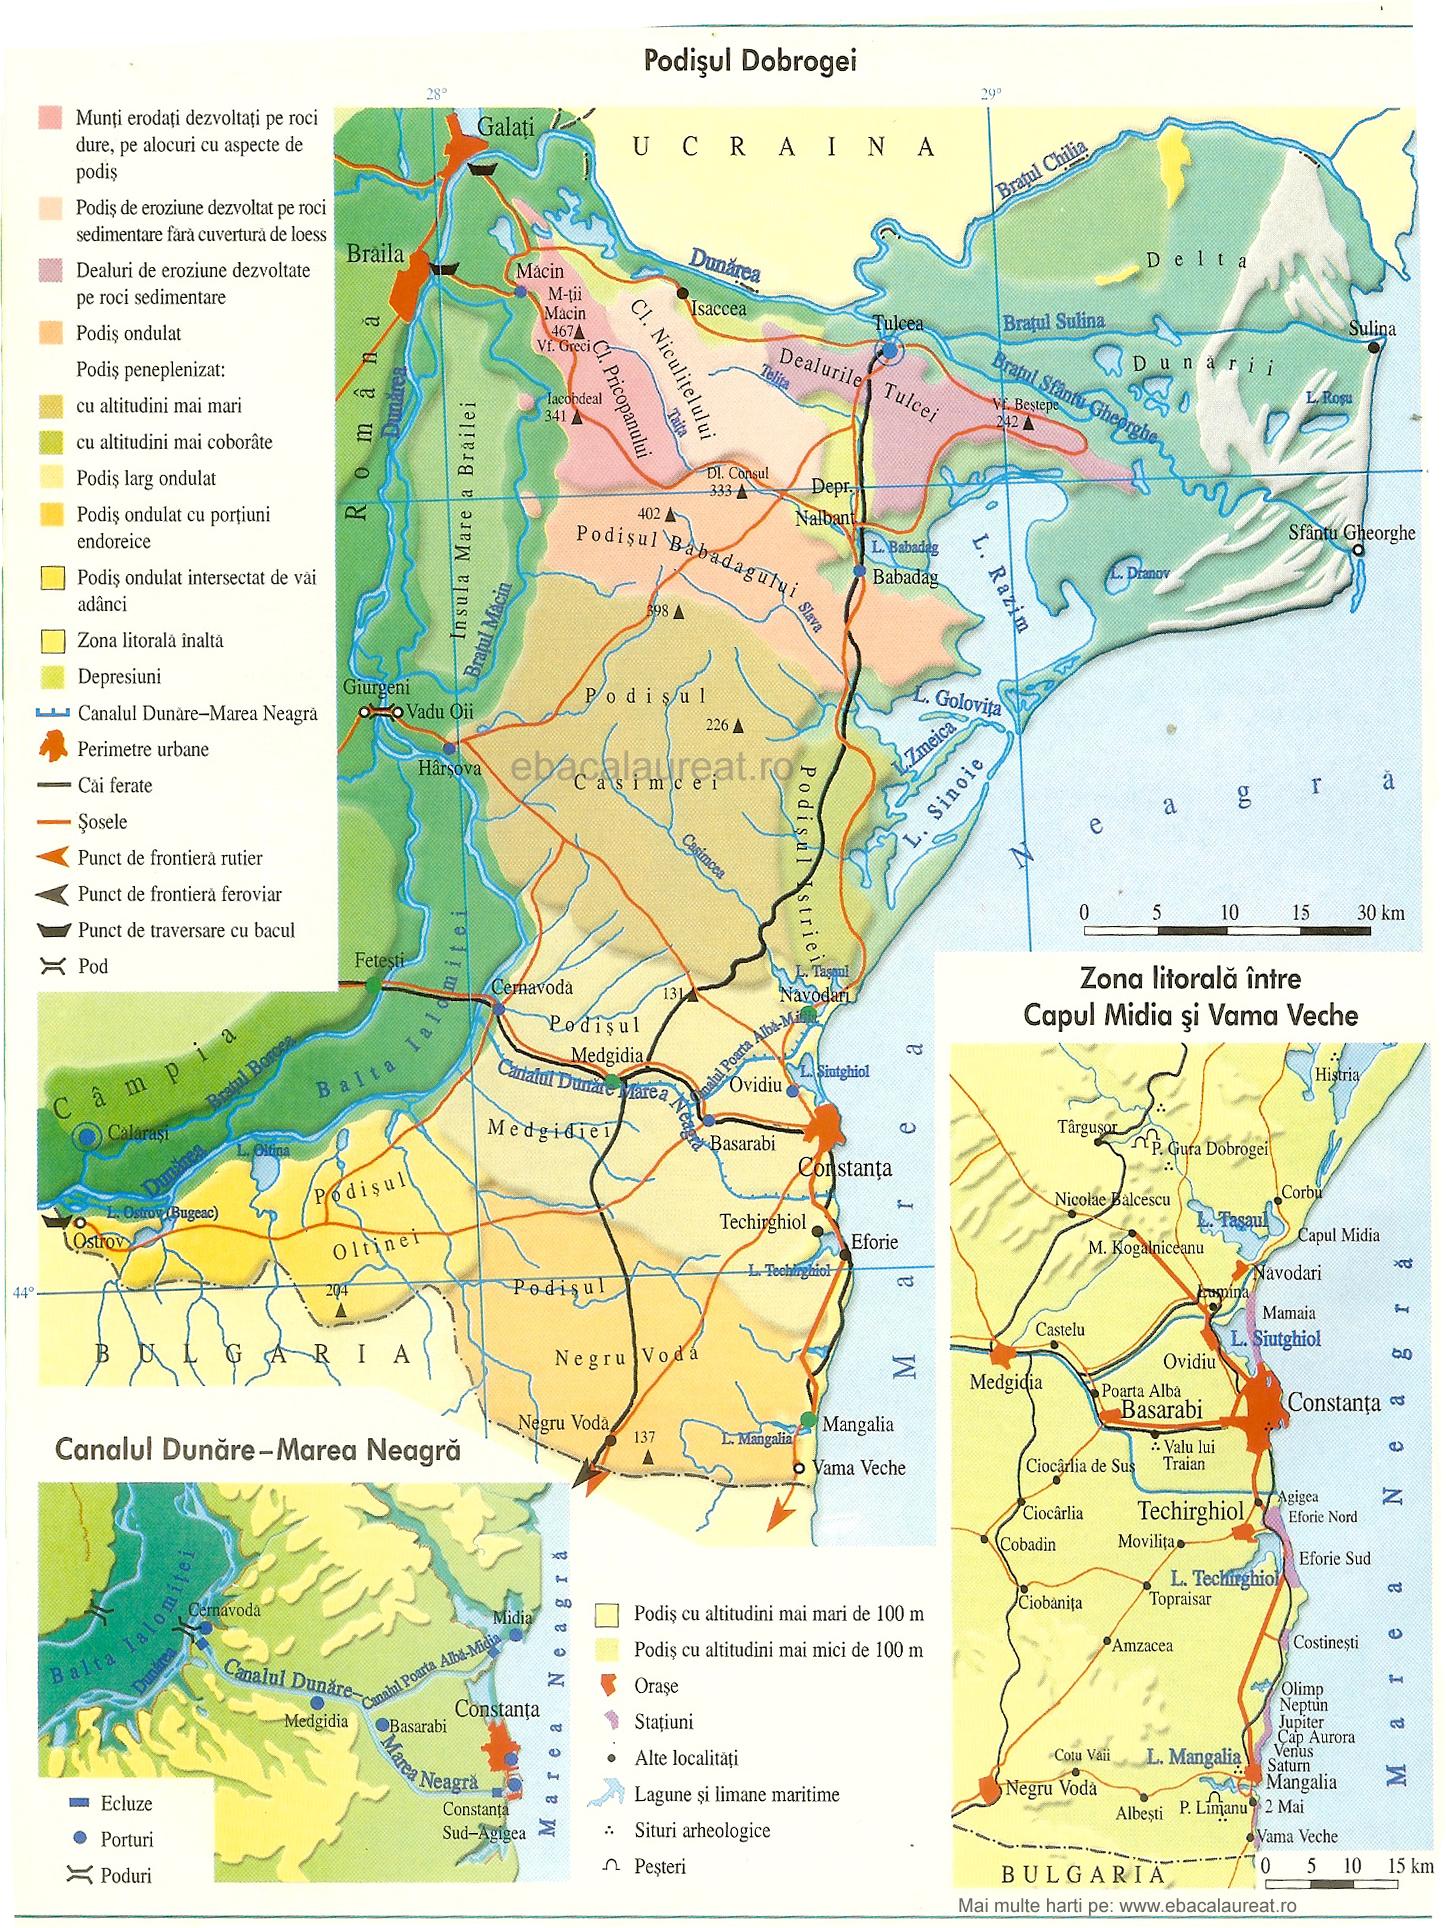 Harta Podisul Dobrogei